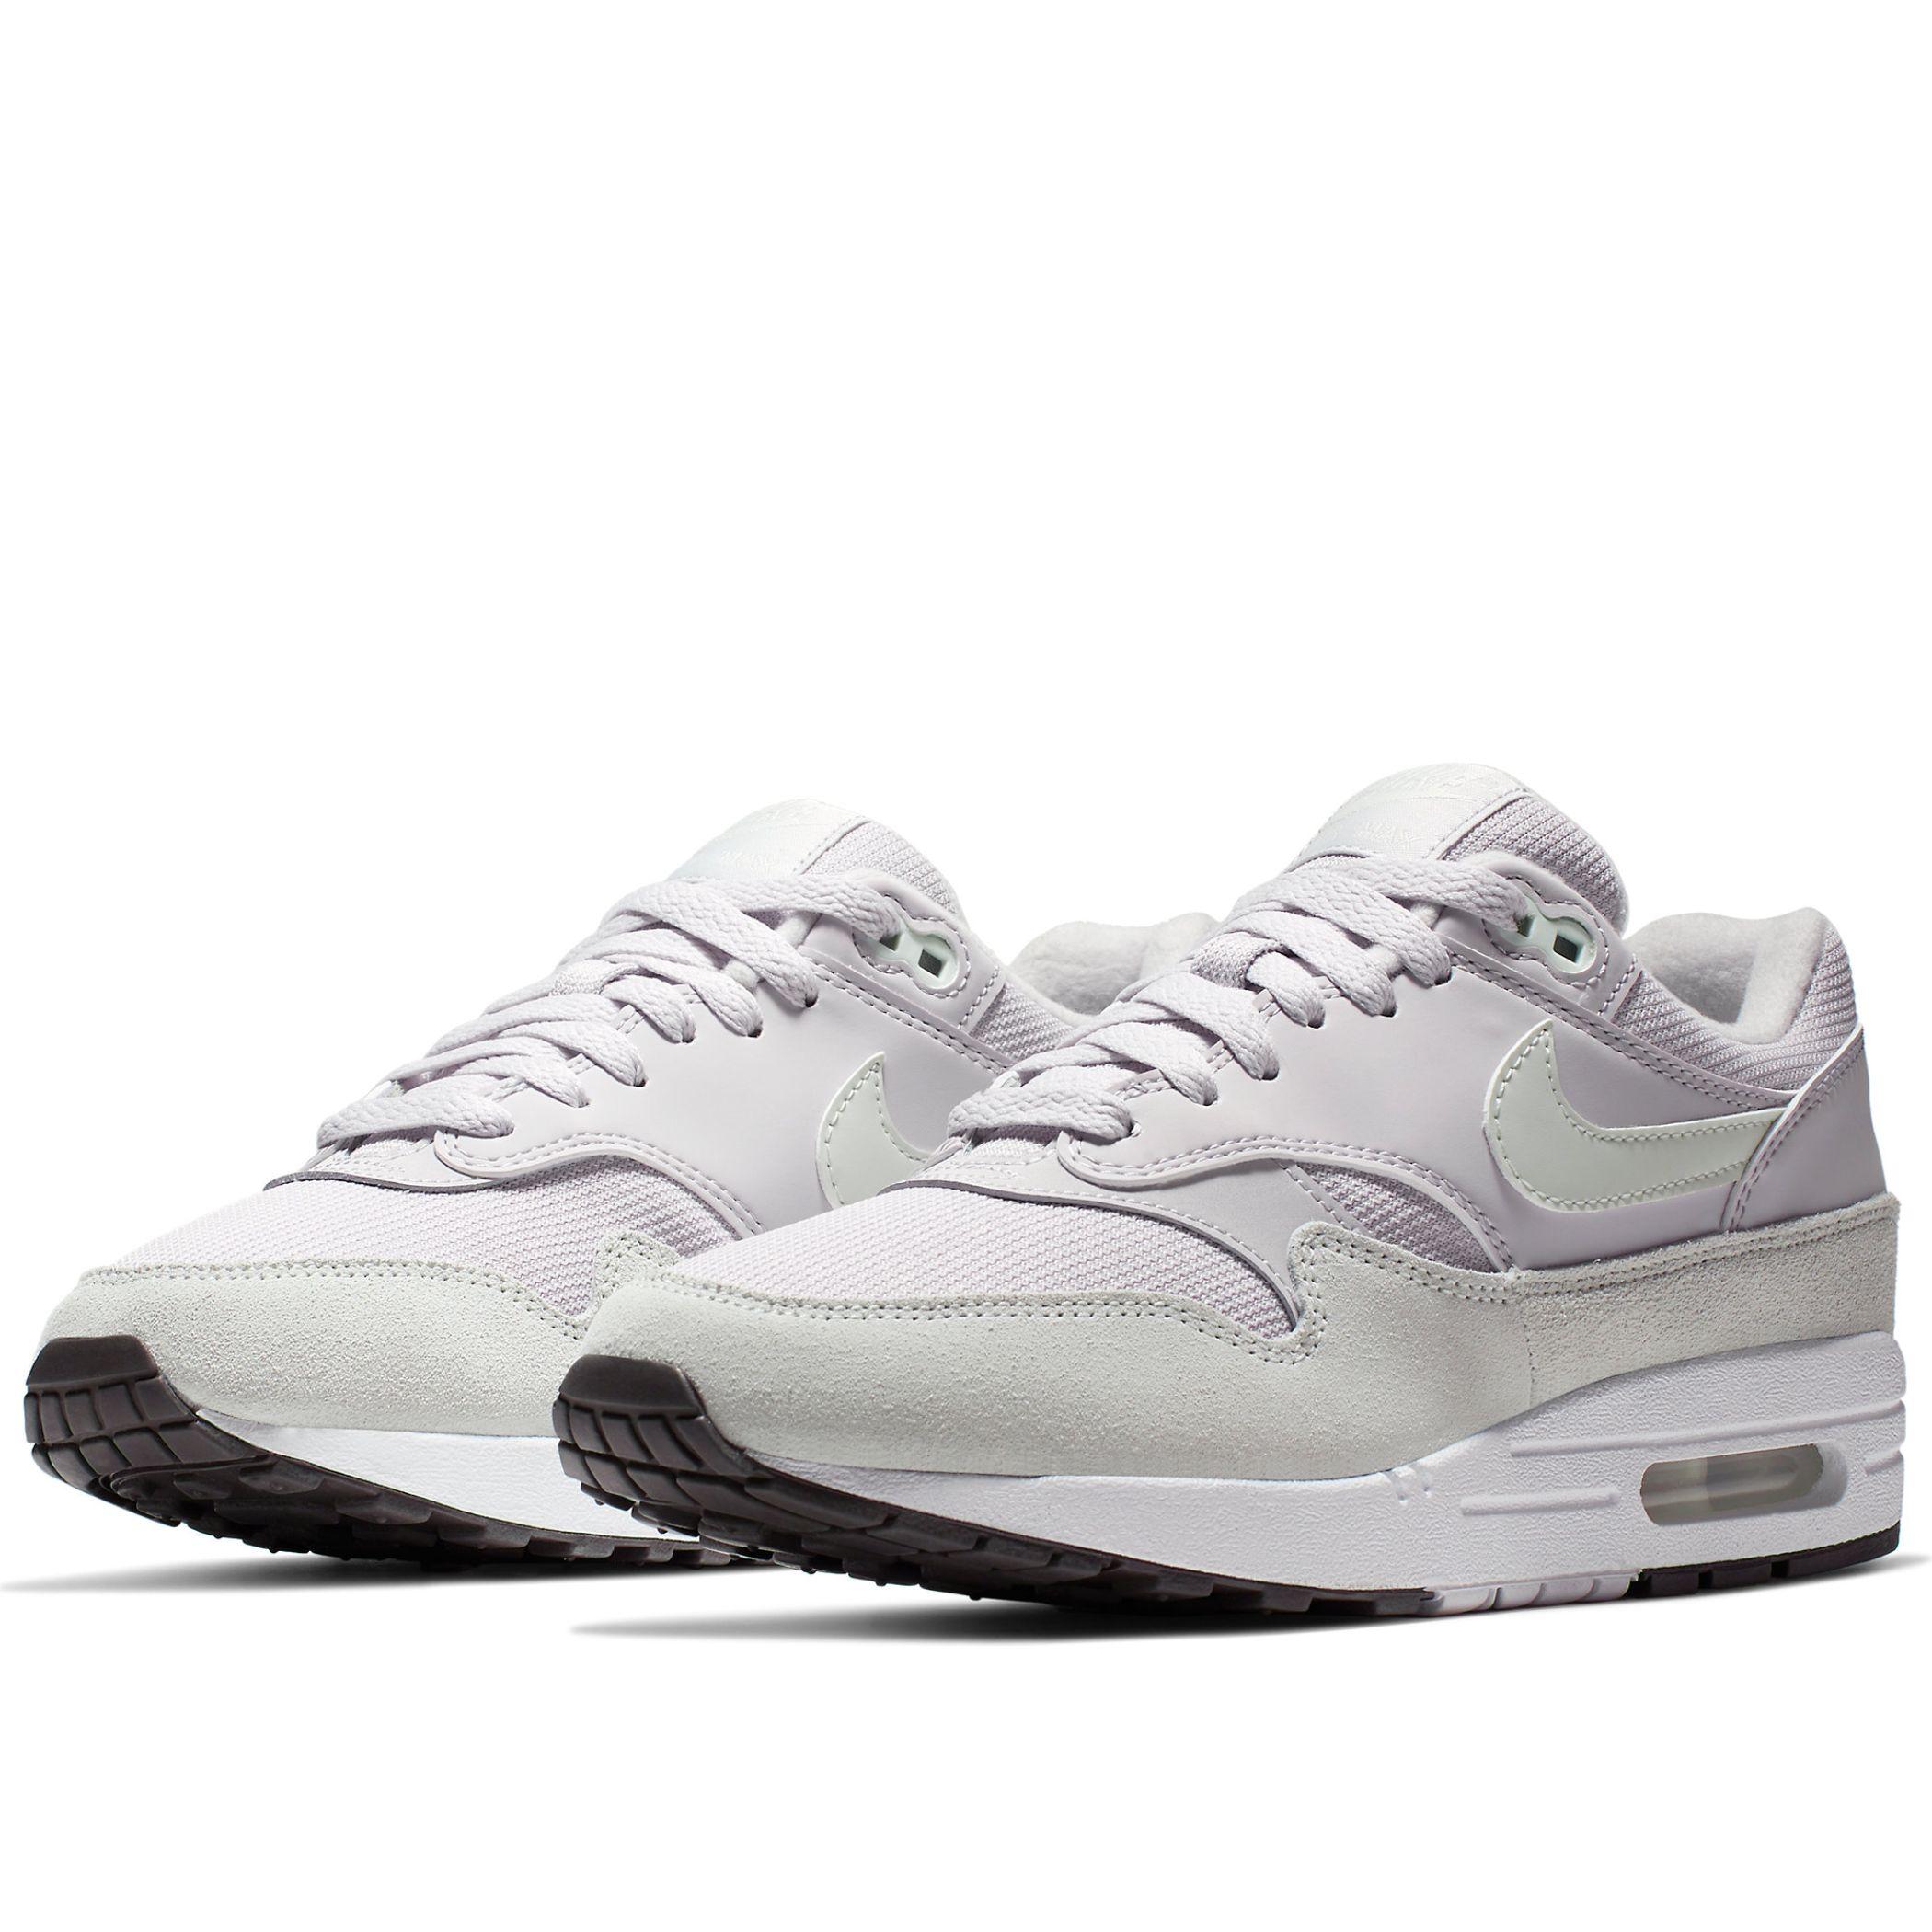 Кроссовки Air Max 1 от Nike (319986 043) продажа, цена